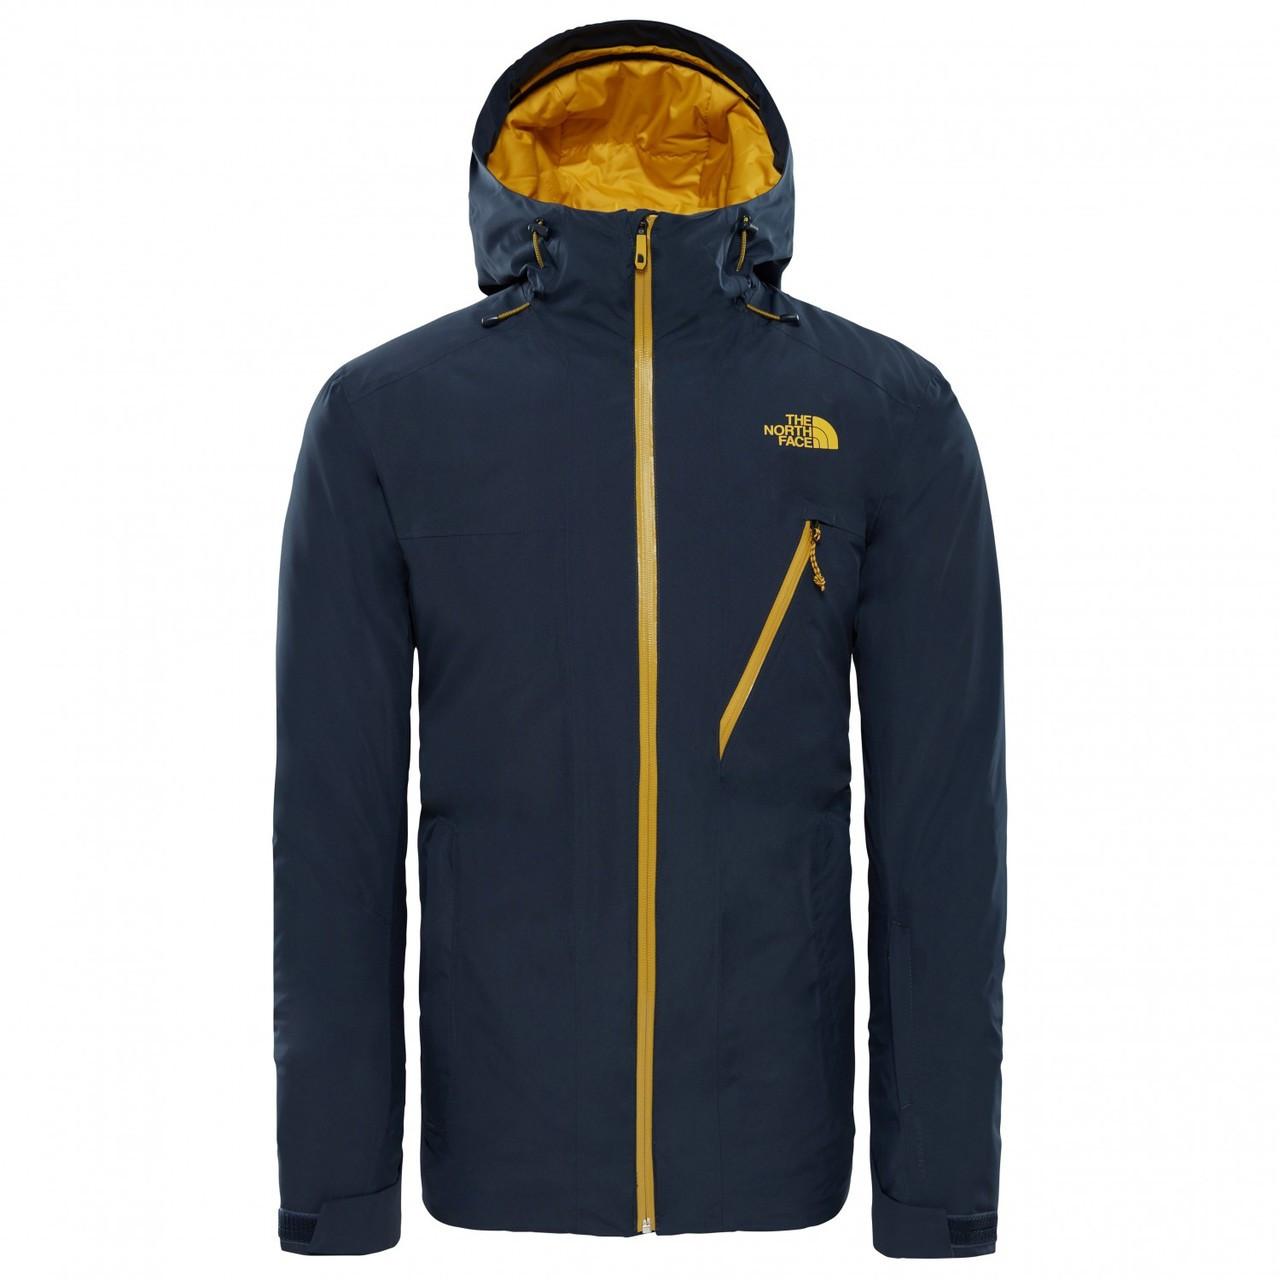 f0ed2dc45 The North Face Descendit Ski Jacket | Men's